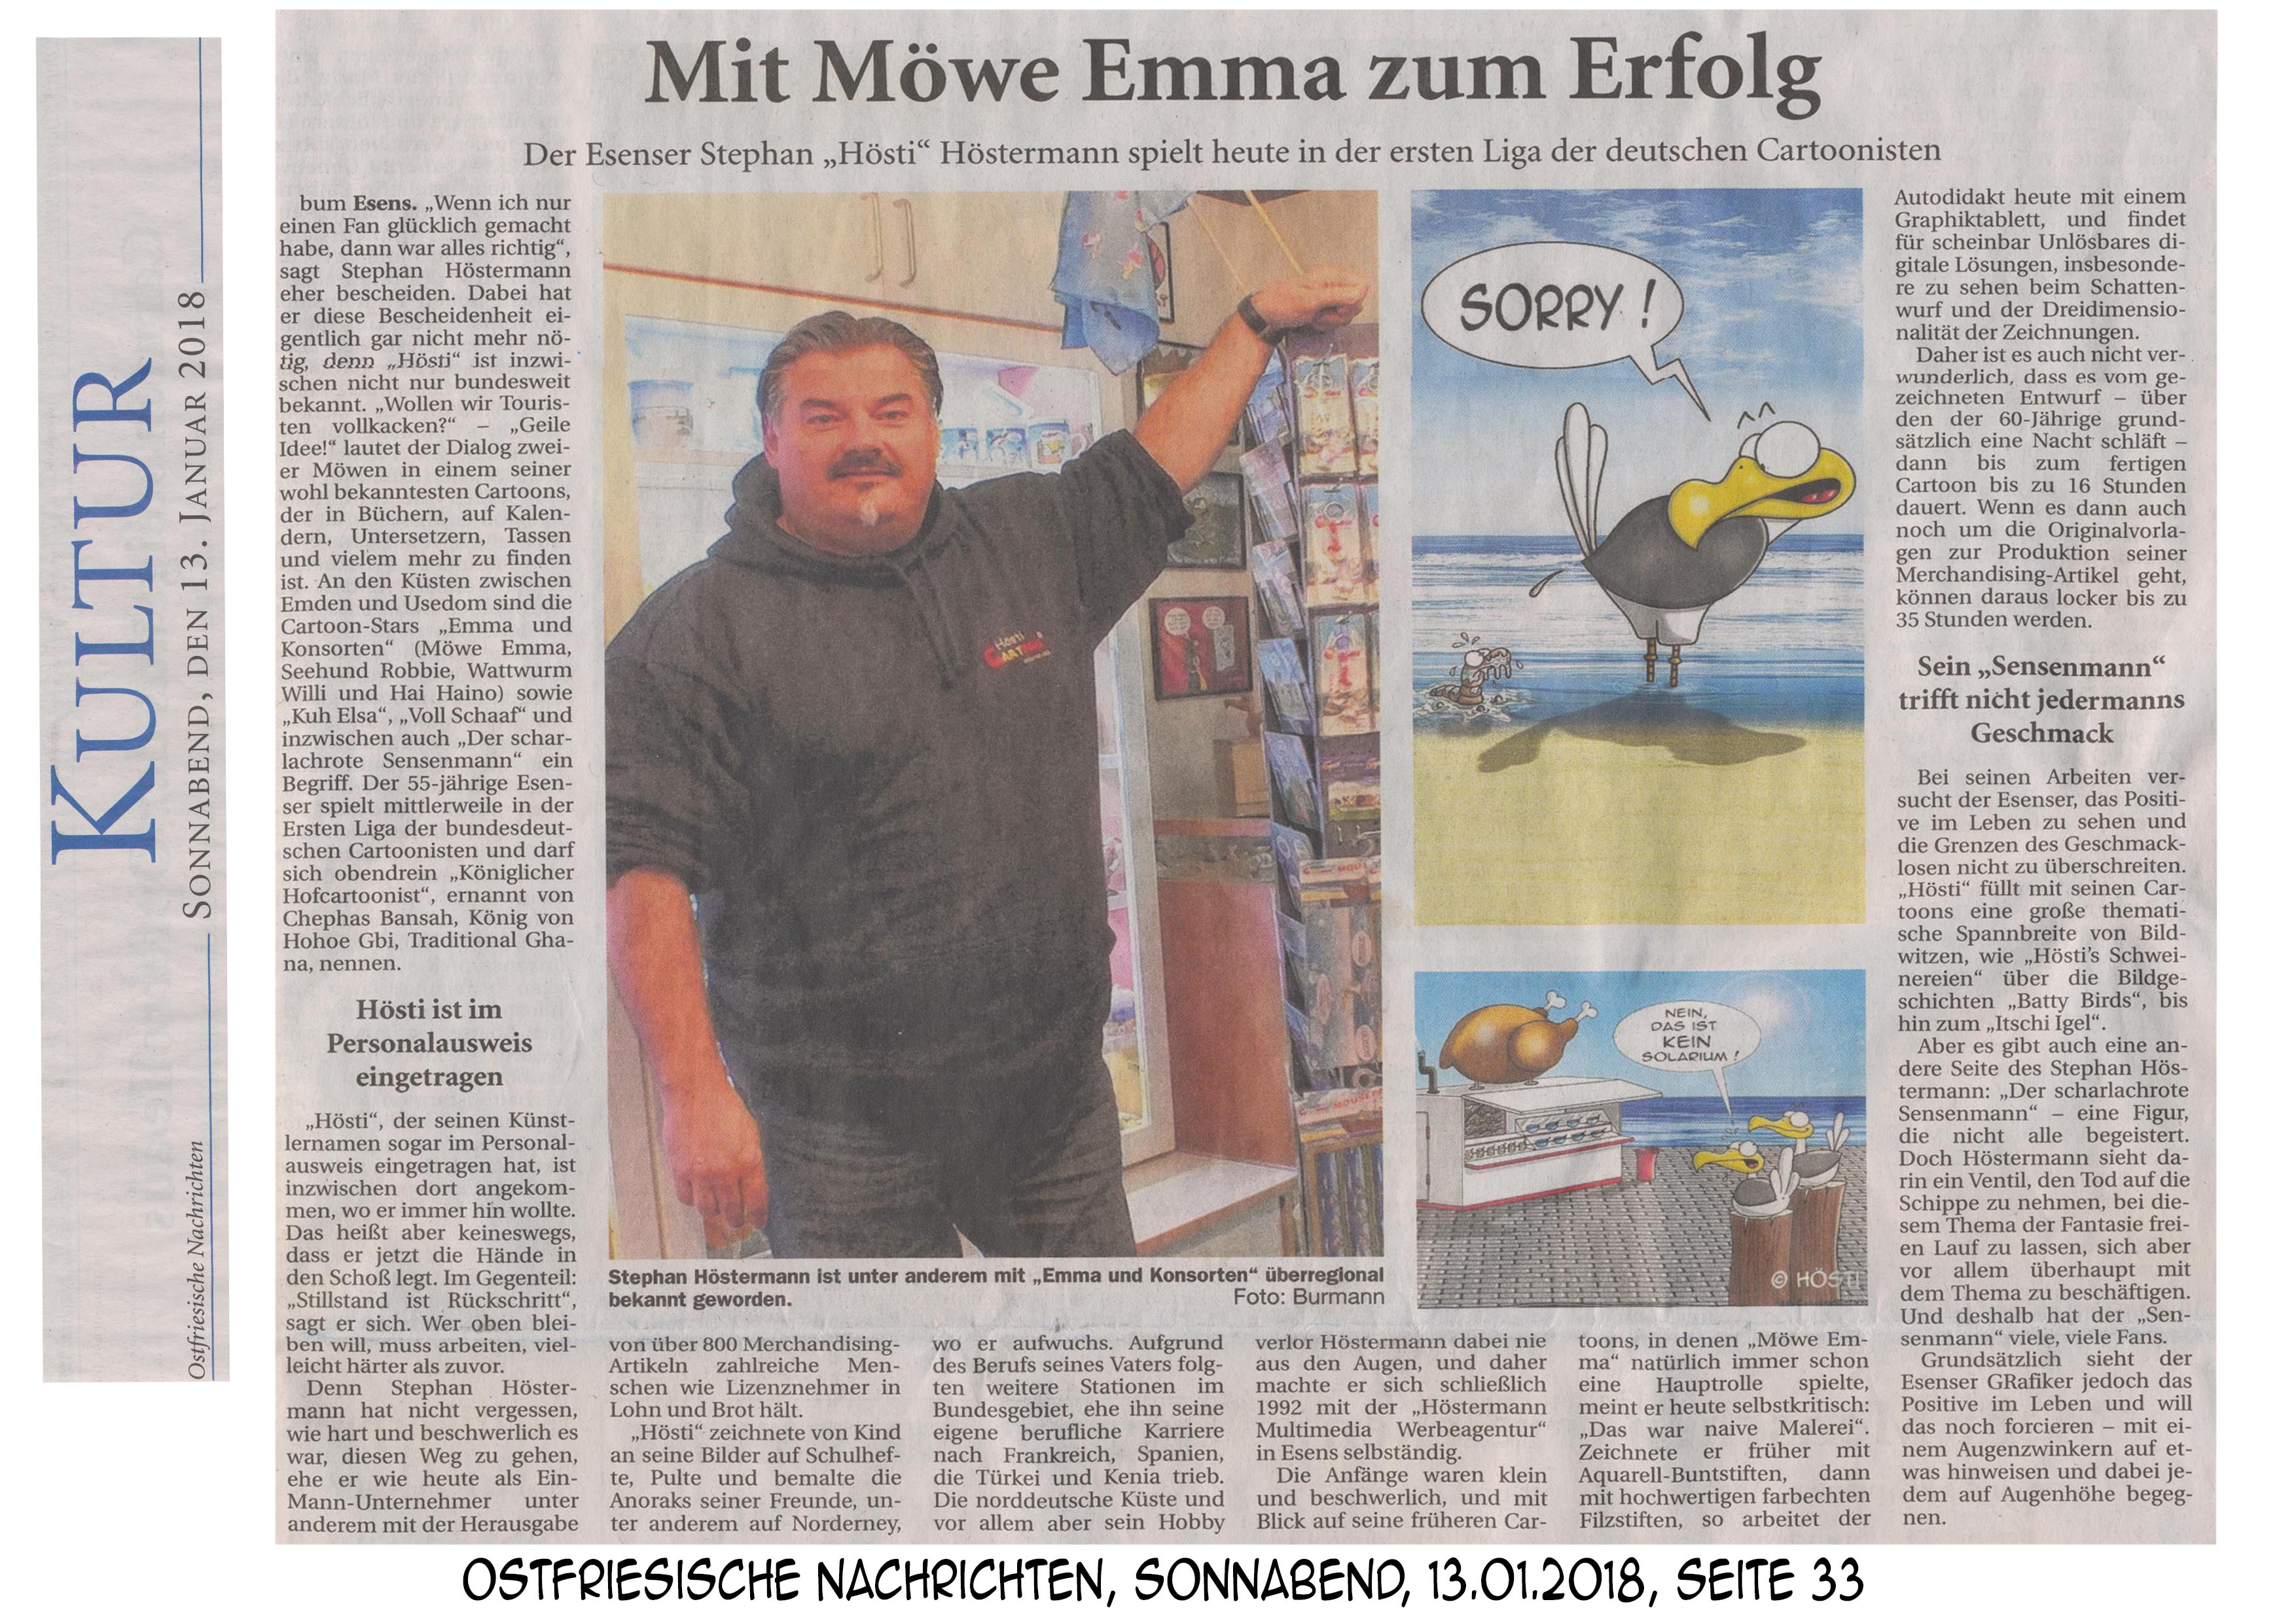 Ostfriesische Nachrichten 13.01. 2018 Seite 33